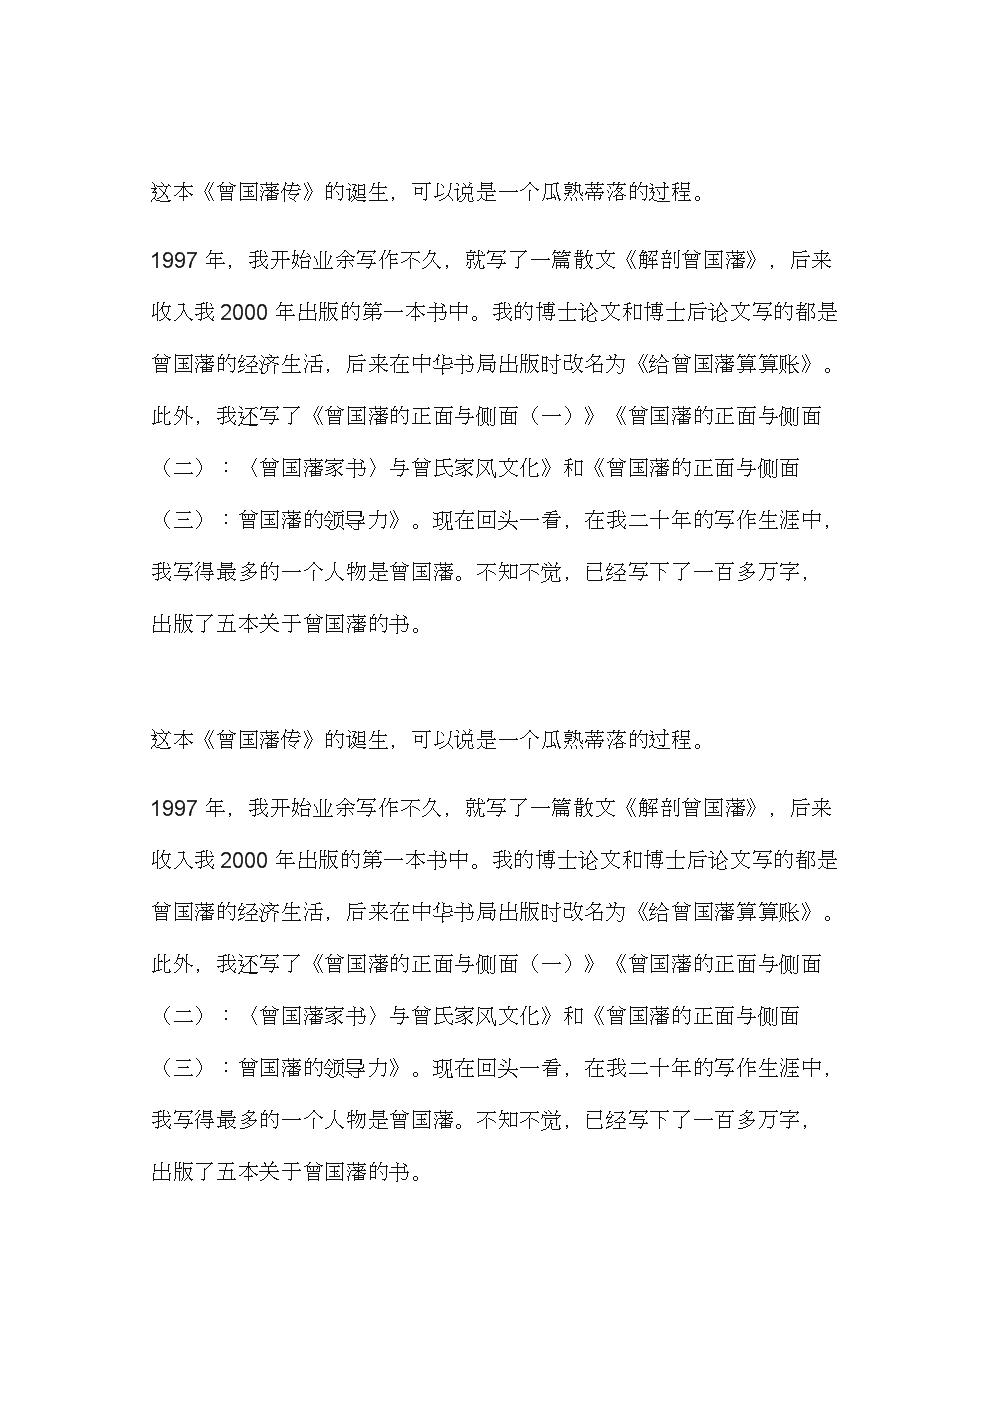 曾国藩传摘抄文字.docx